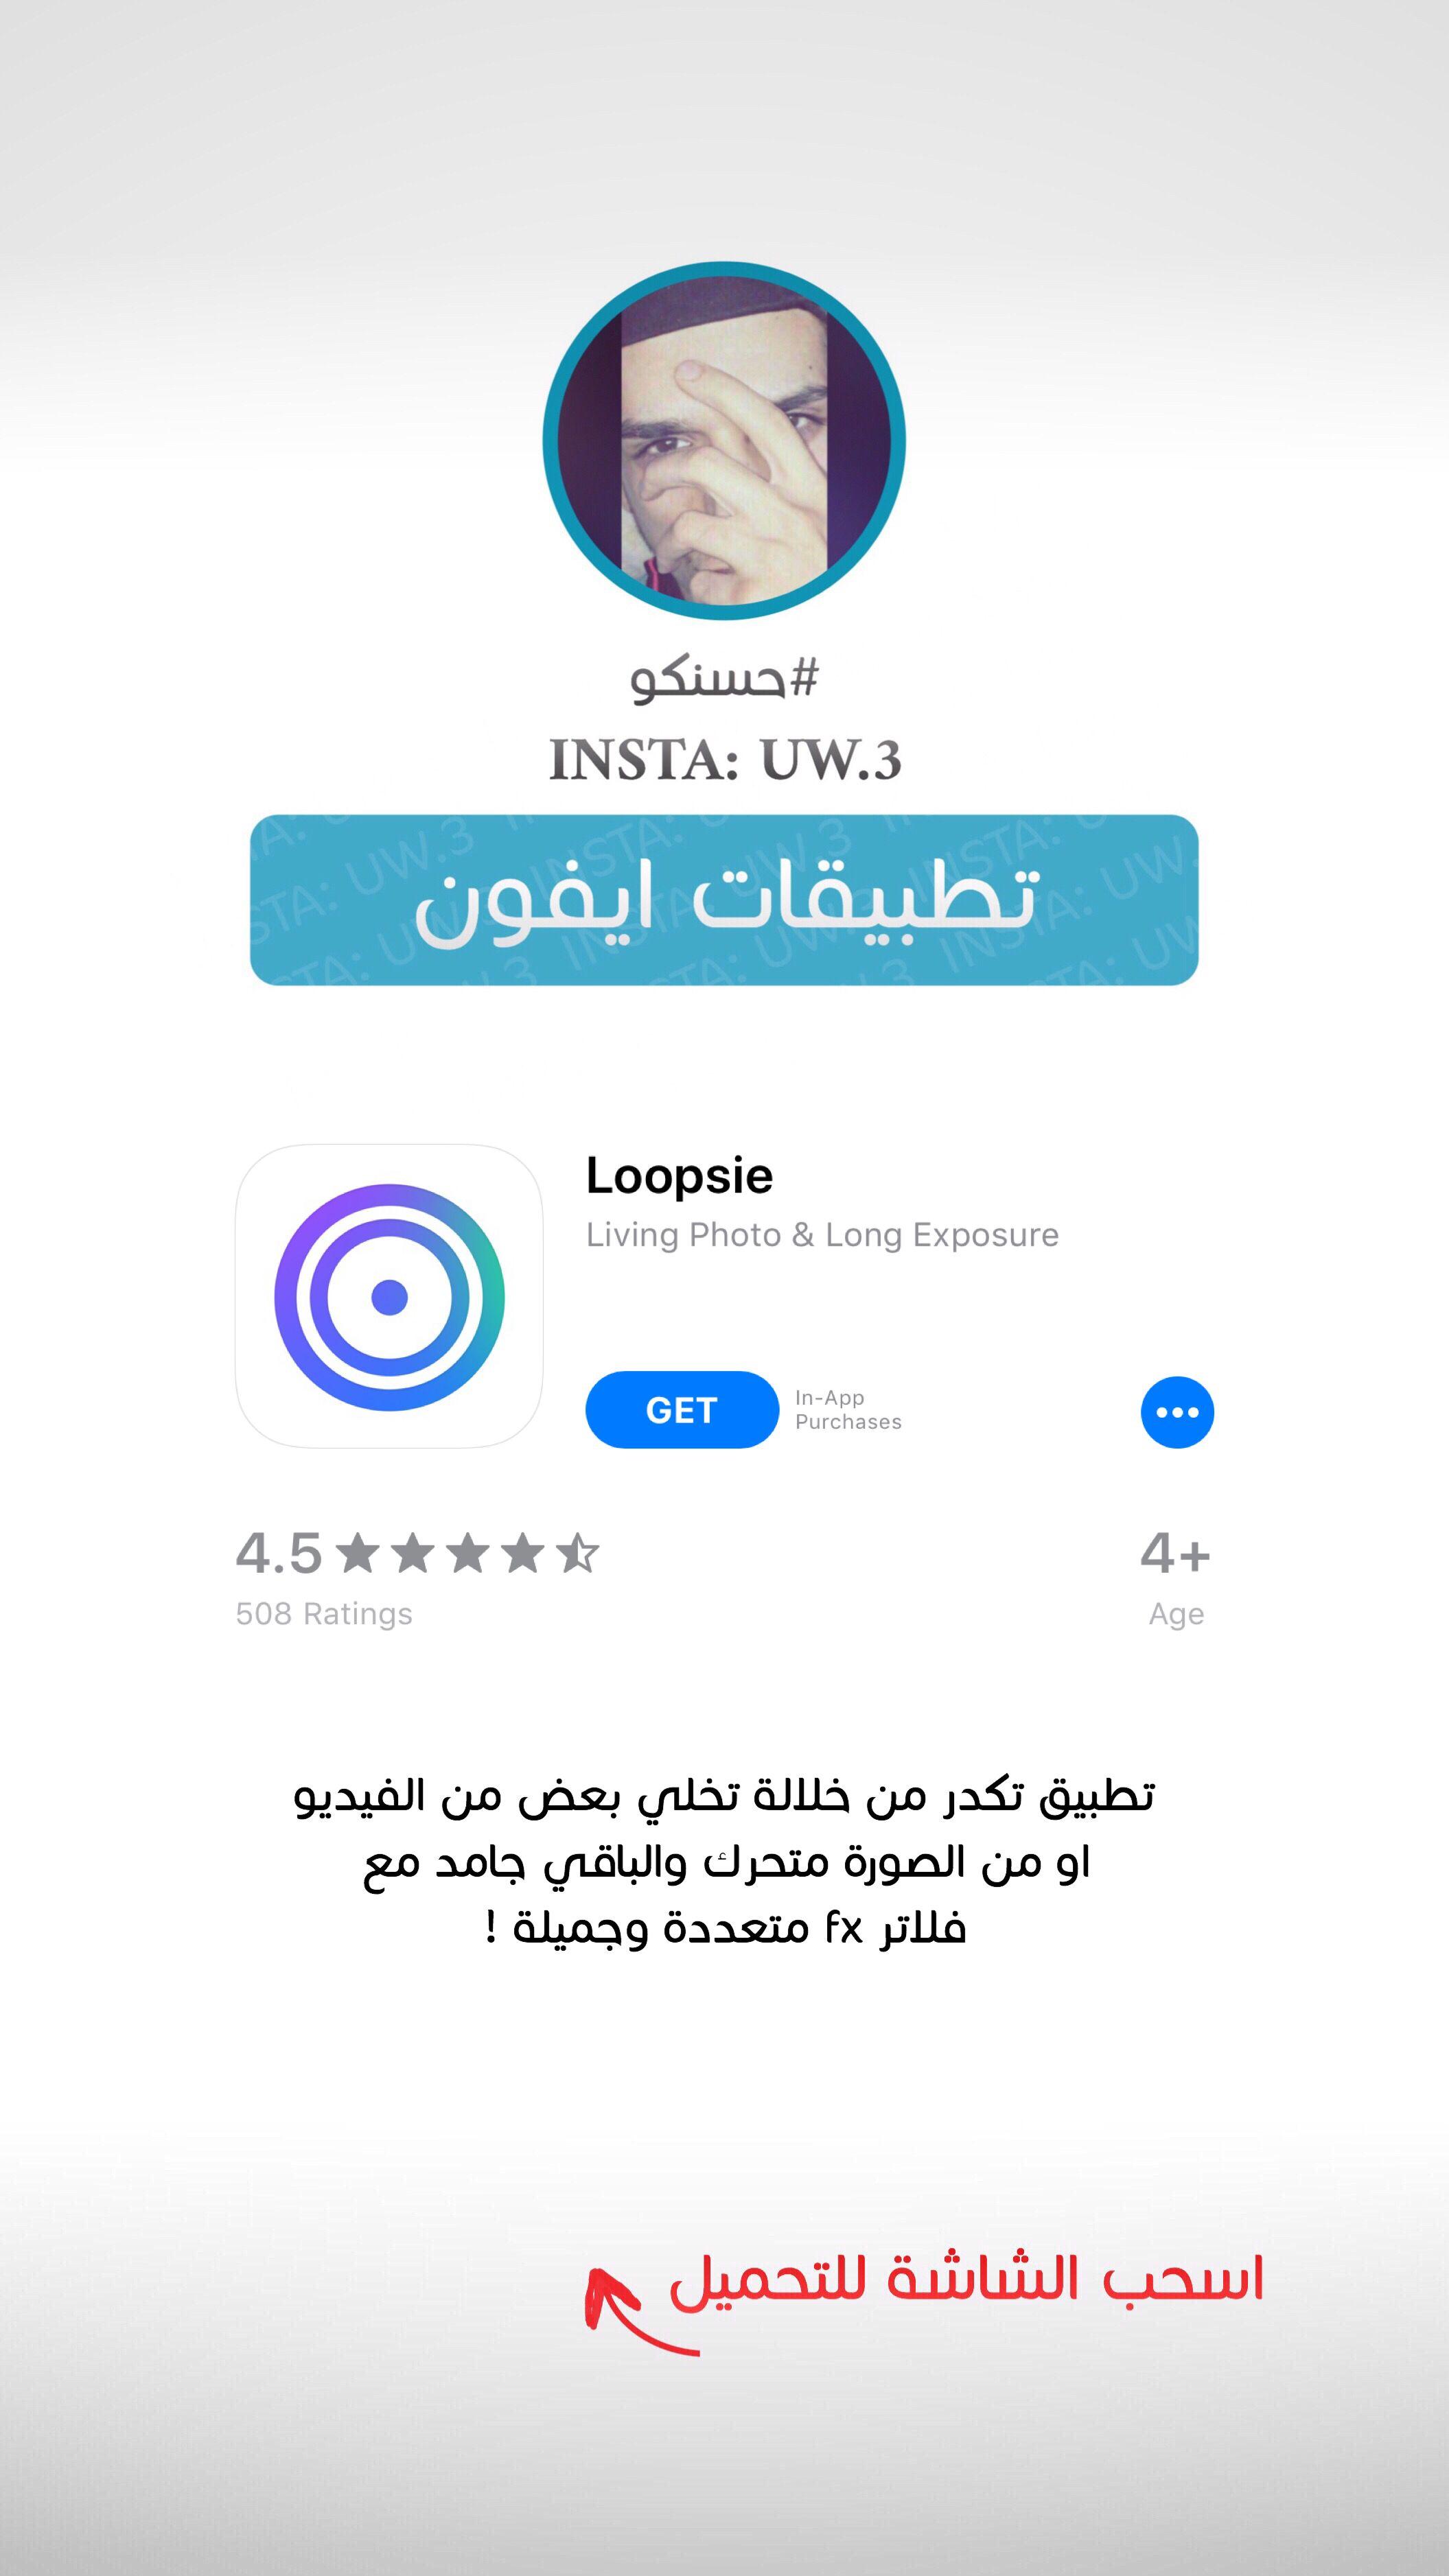 Loopsie By Loopsie Srl Https Itunes Apple Com Us App Loopsie Id1259909228 Mt 8 App Chart Pie Chart